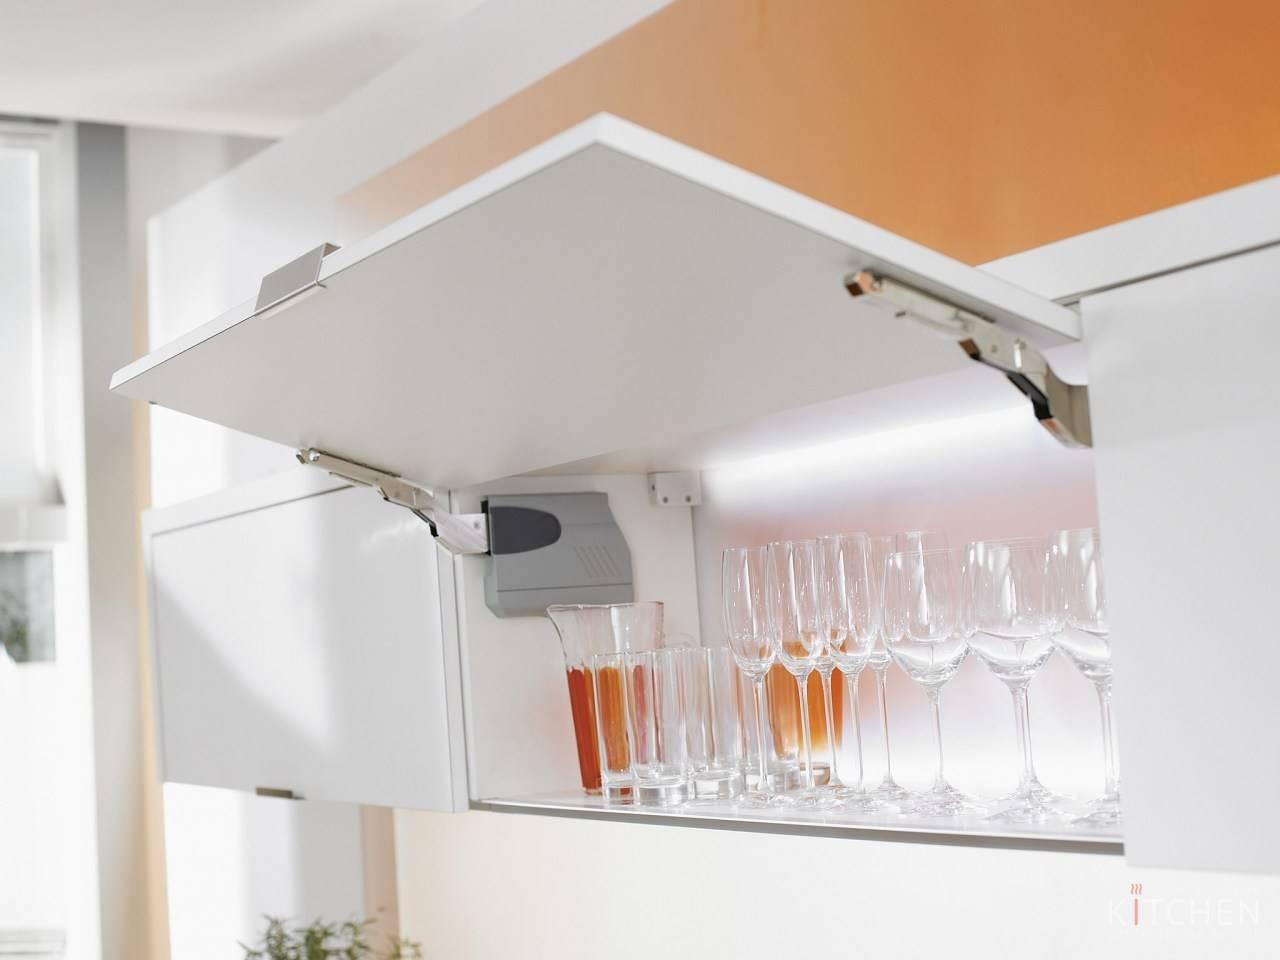 Фурнитура blum для кухни. описание и особенности